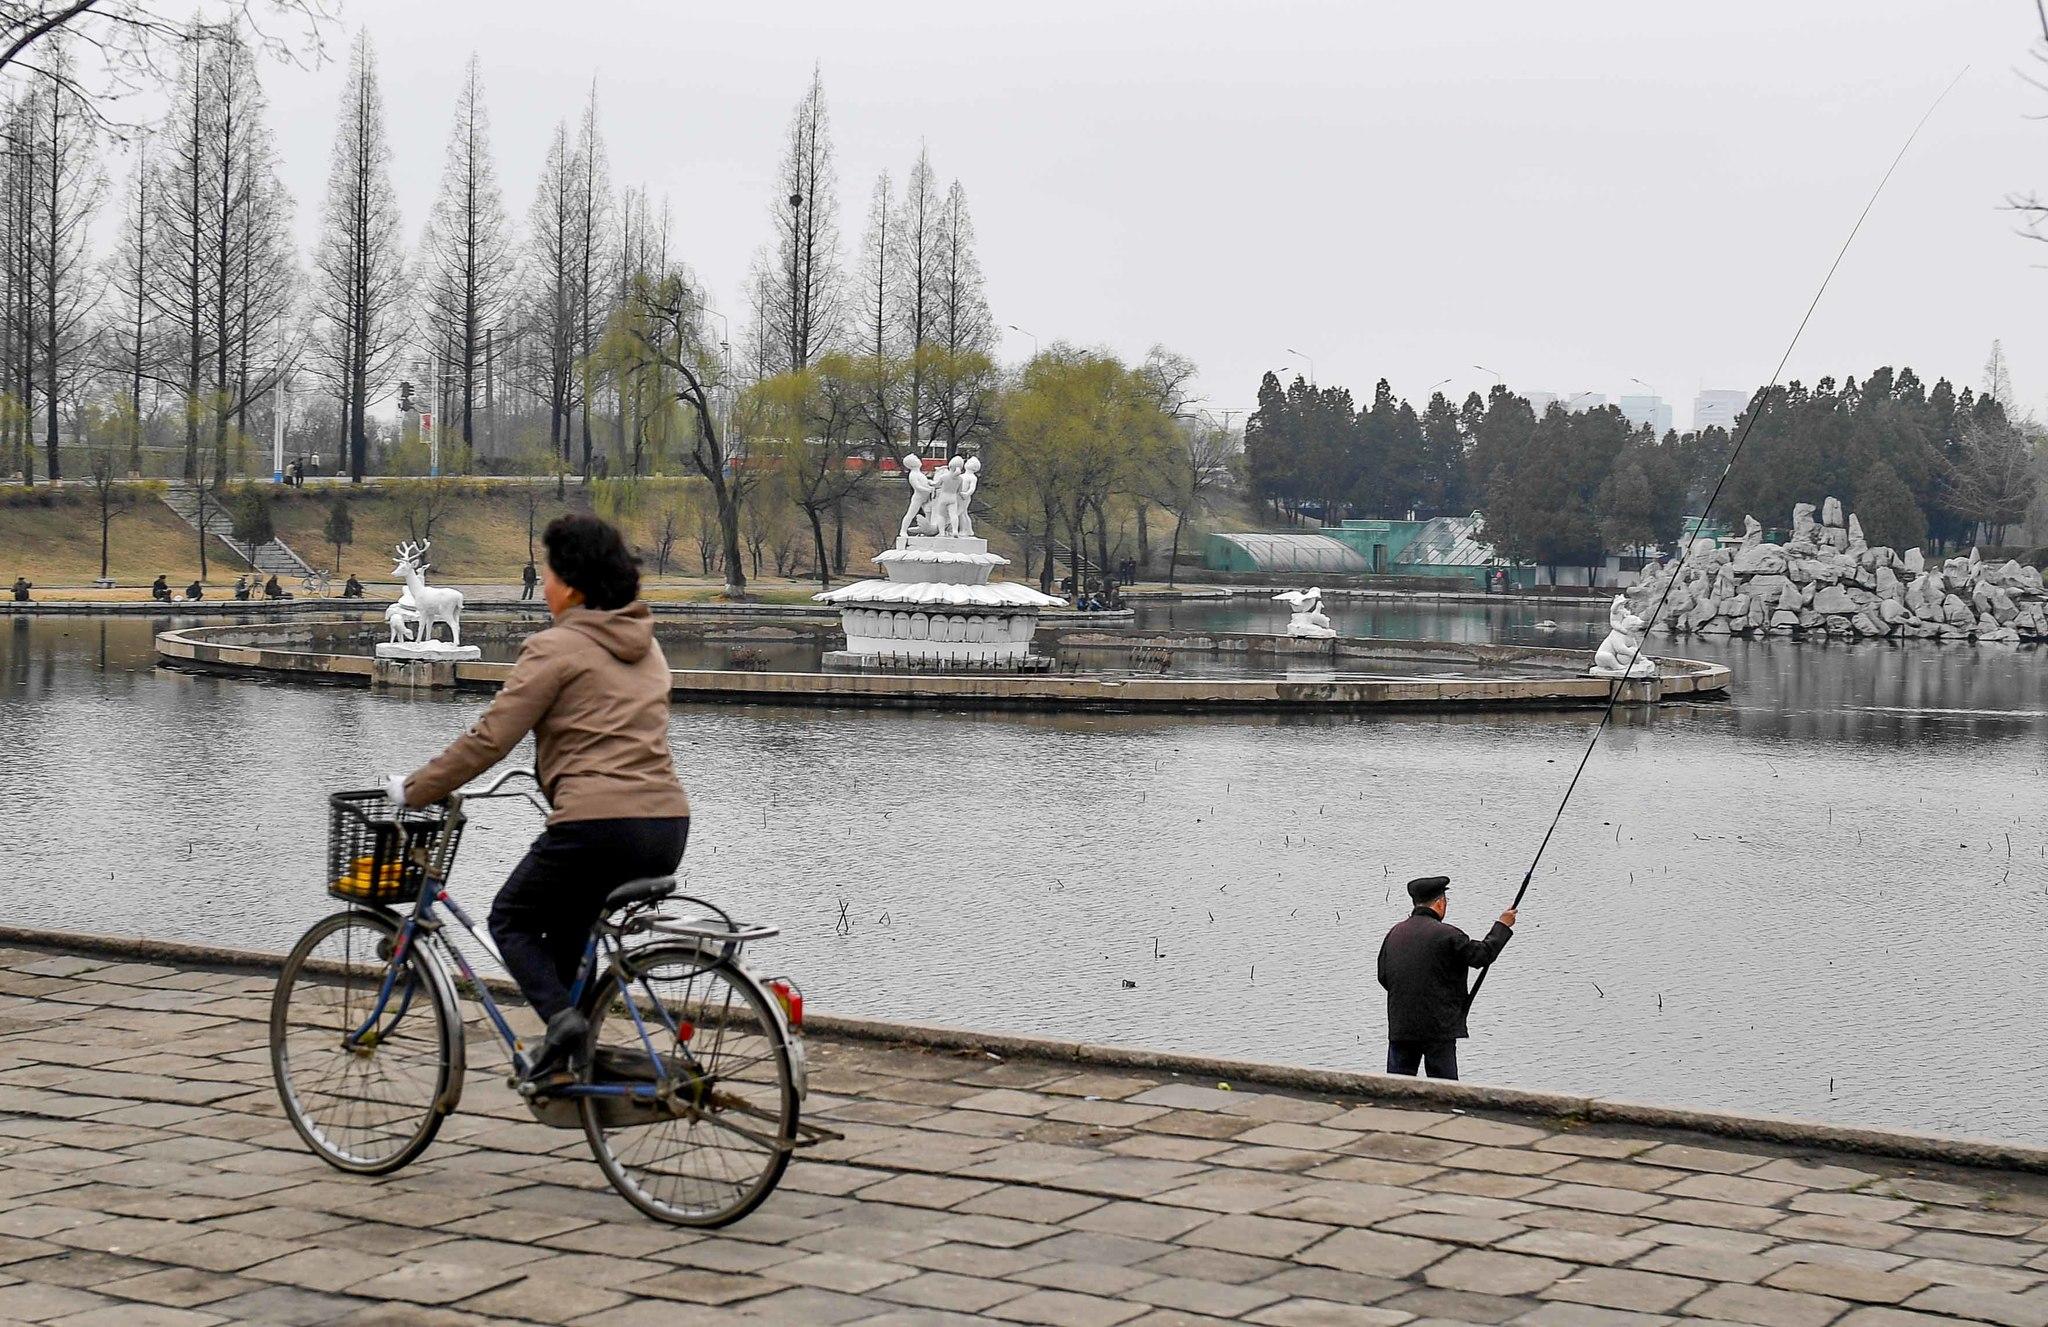 6일 흐리지만 봄날씨가 완연한 평양시내 보통강변에서 시민들이 낚시를 하고 있다. 사진공동취재단